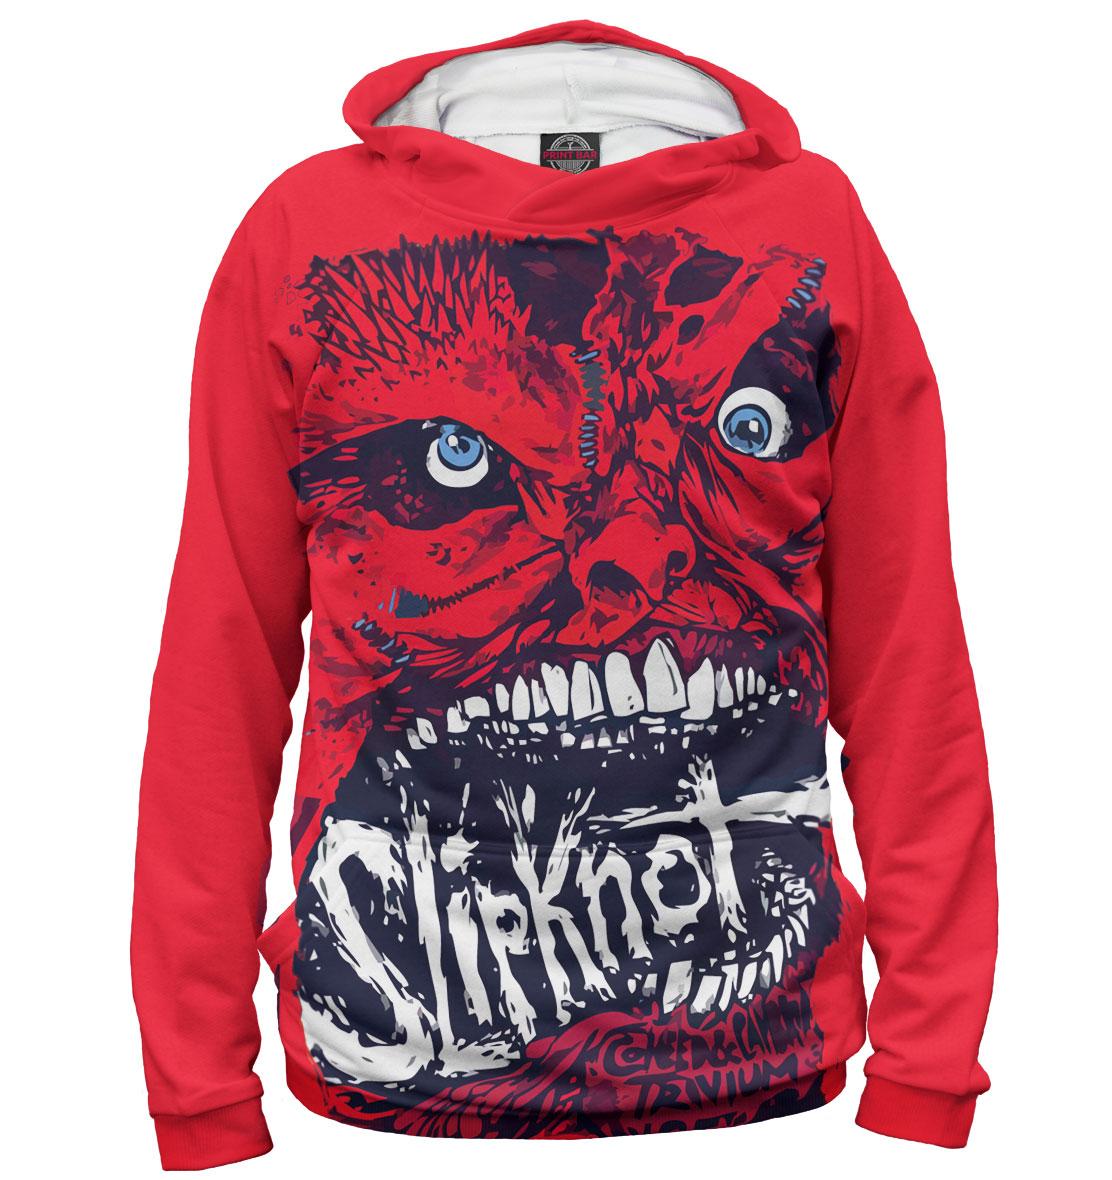 Купить Худи для мальчика Slipknot SLI-495586-hud-2